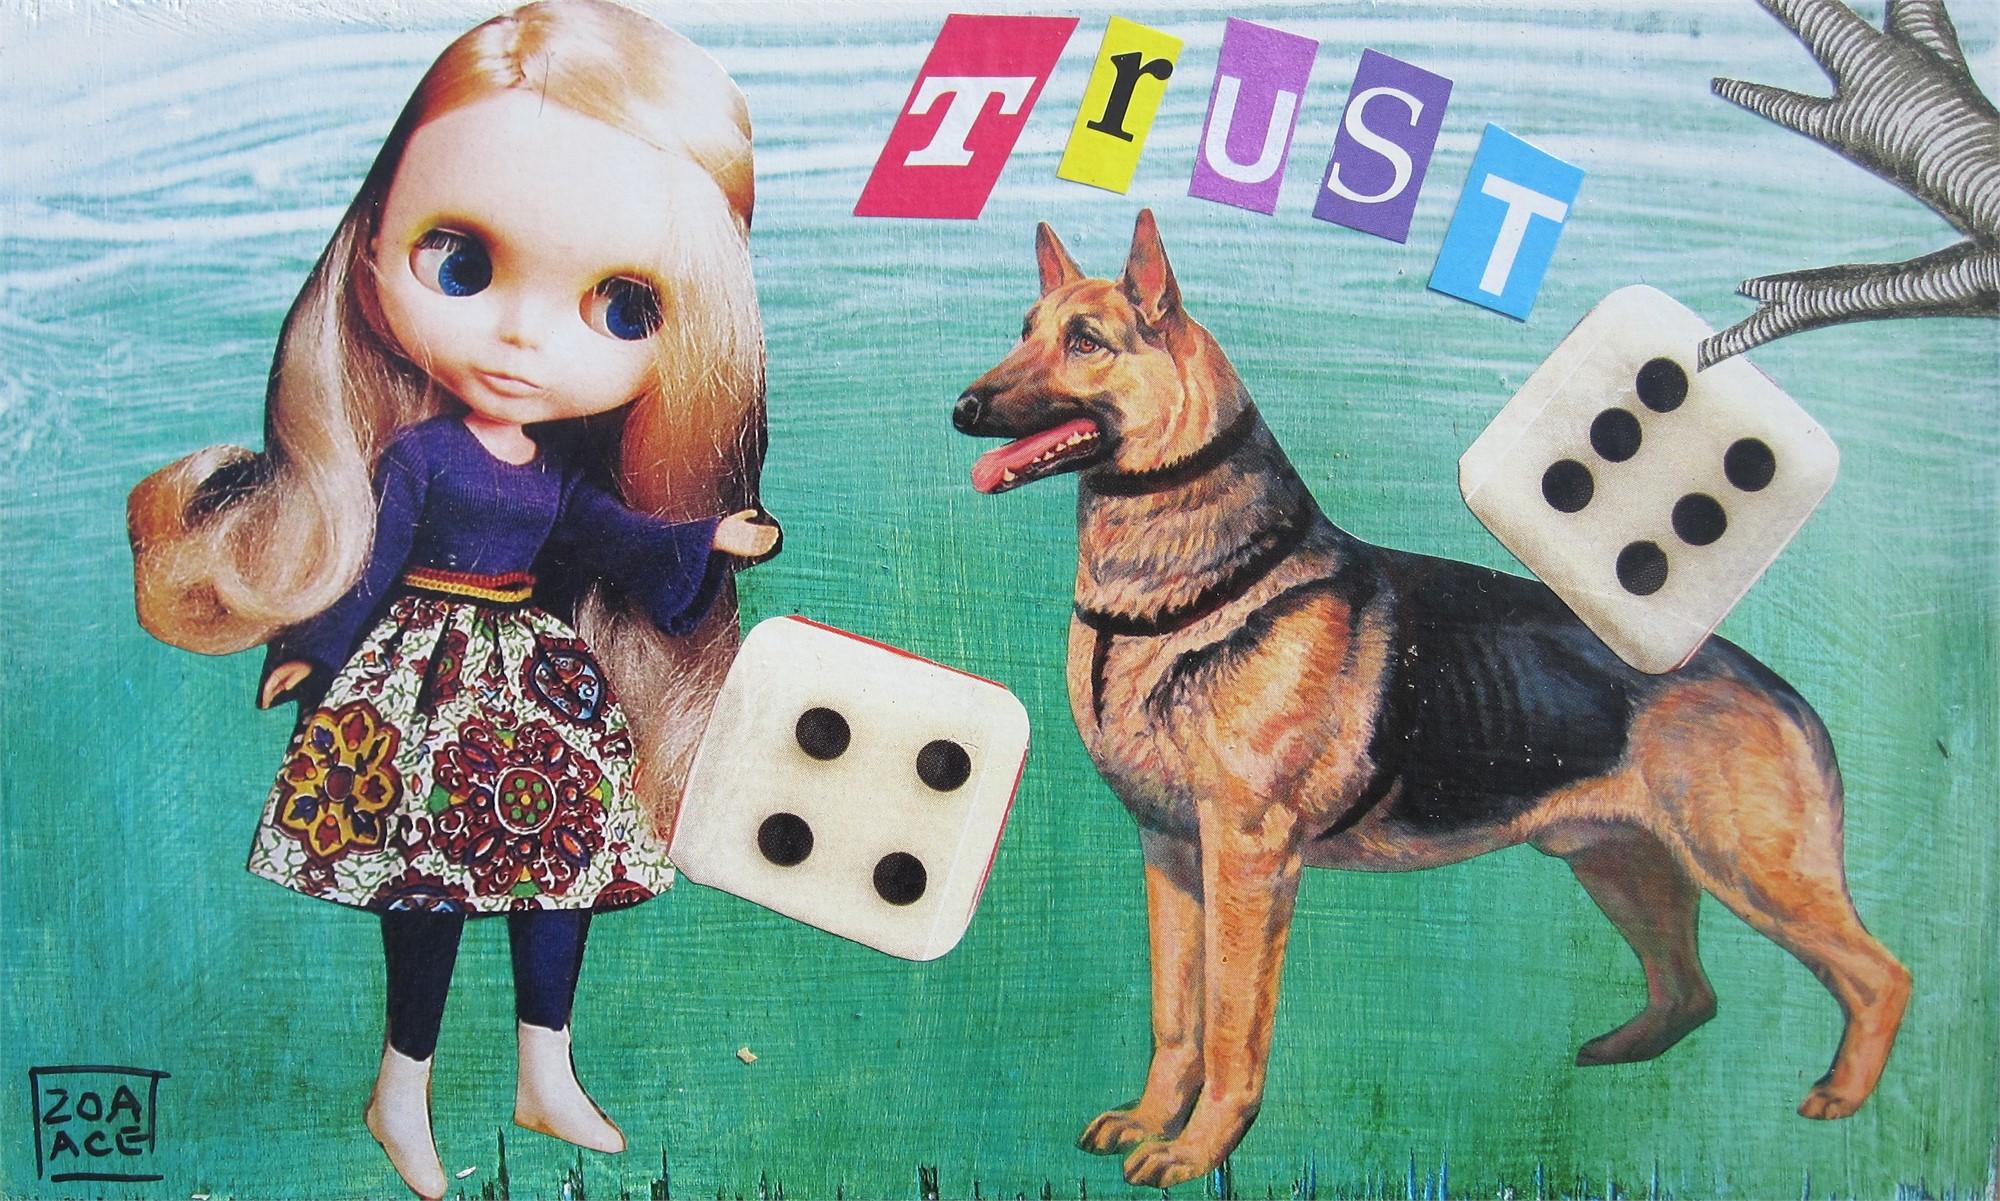 Trust by Zoa Ace